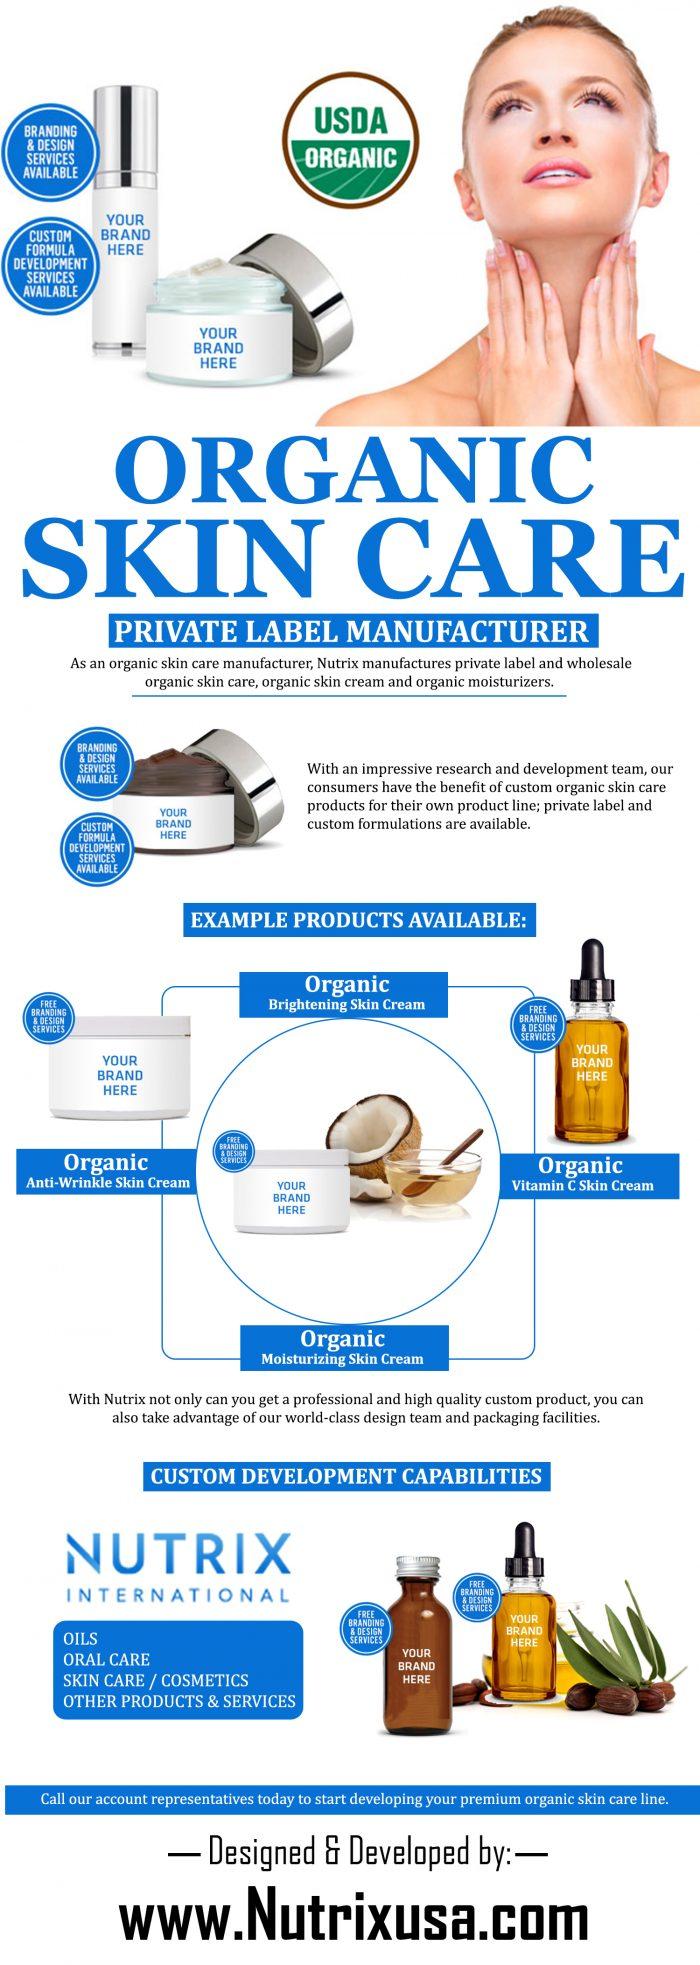 Organic Skin Care – Private Label Manufacturer